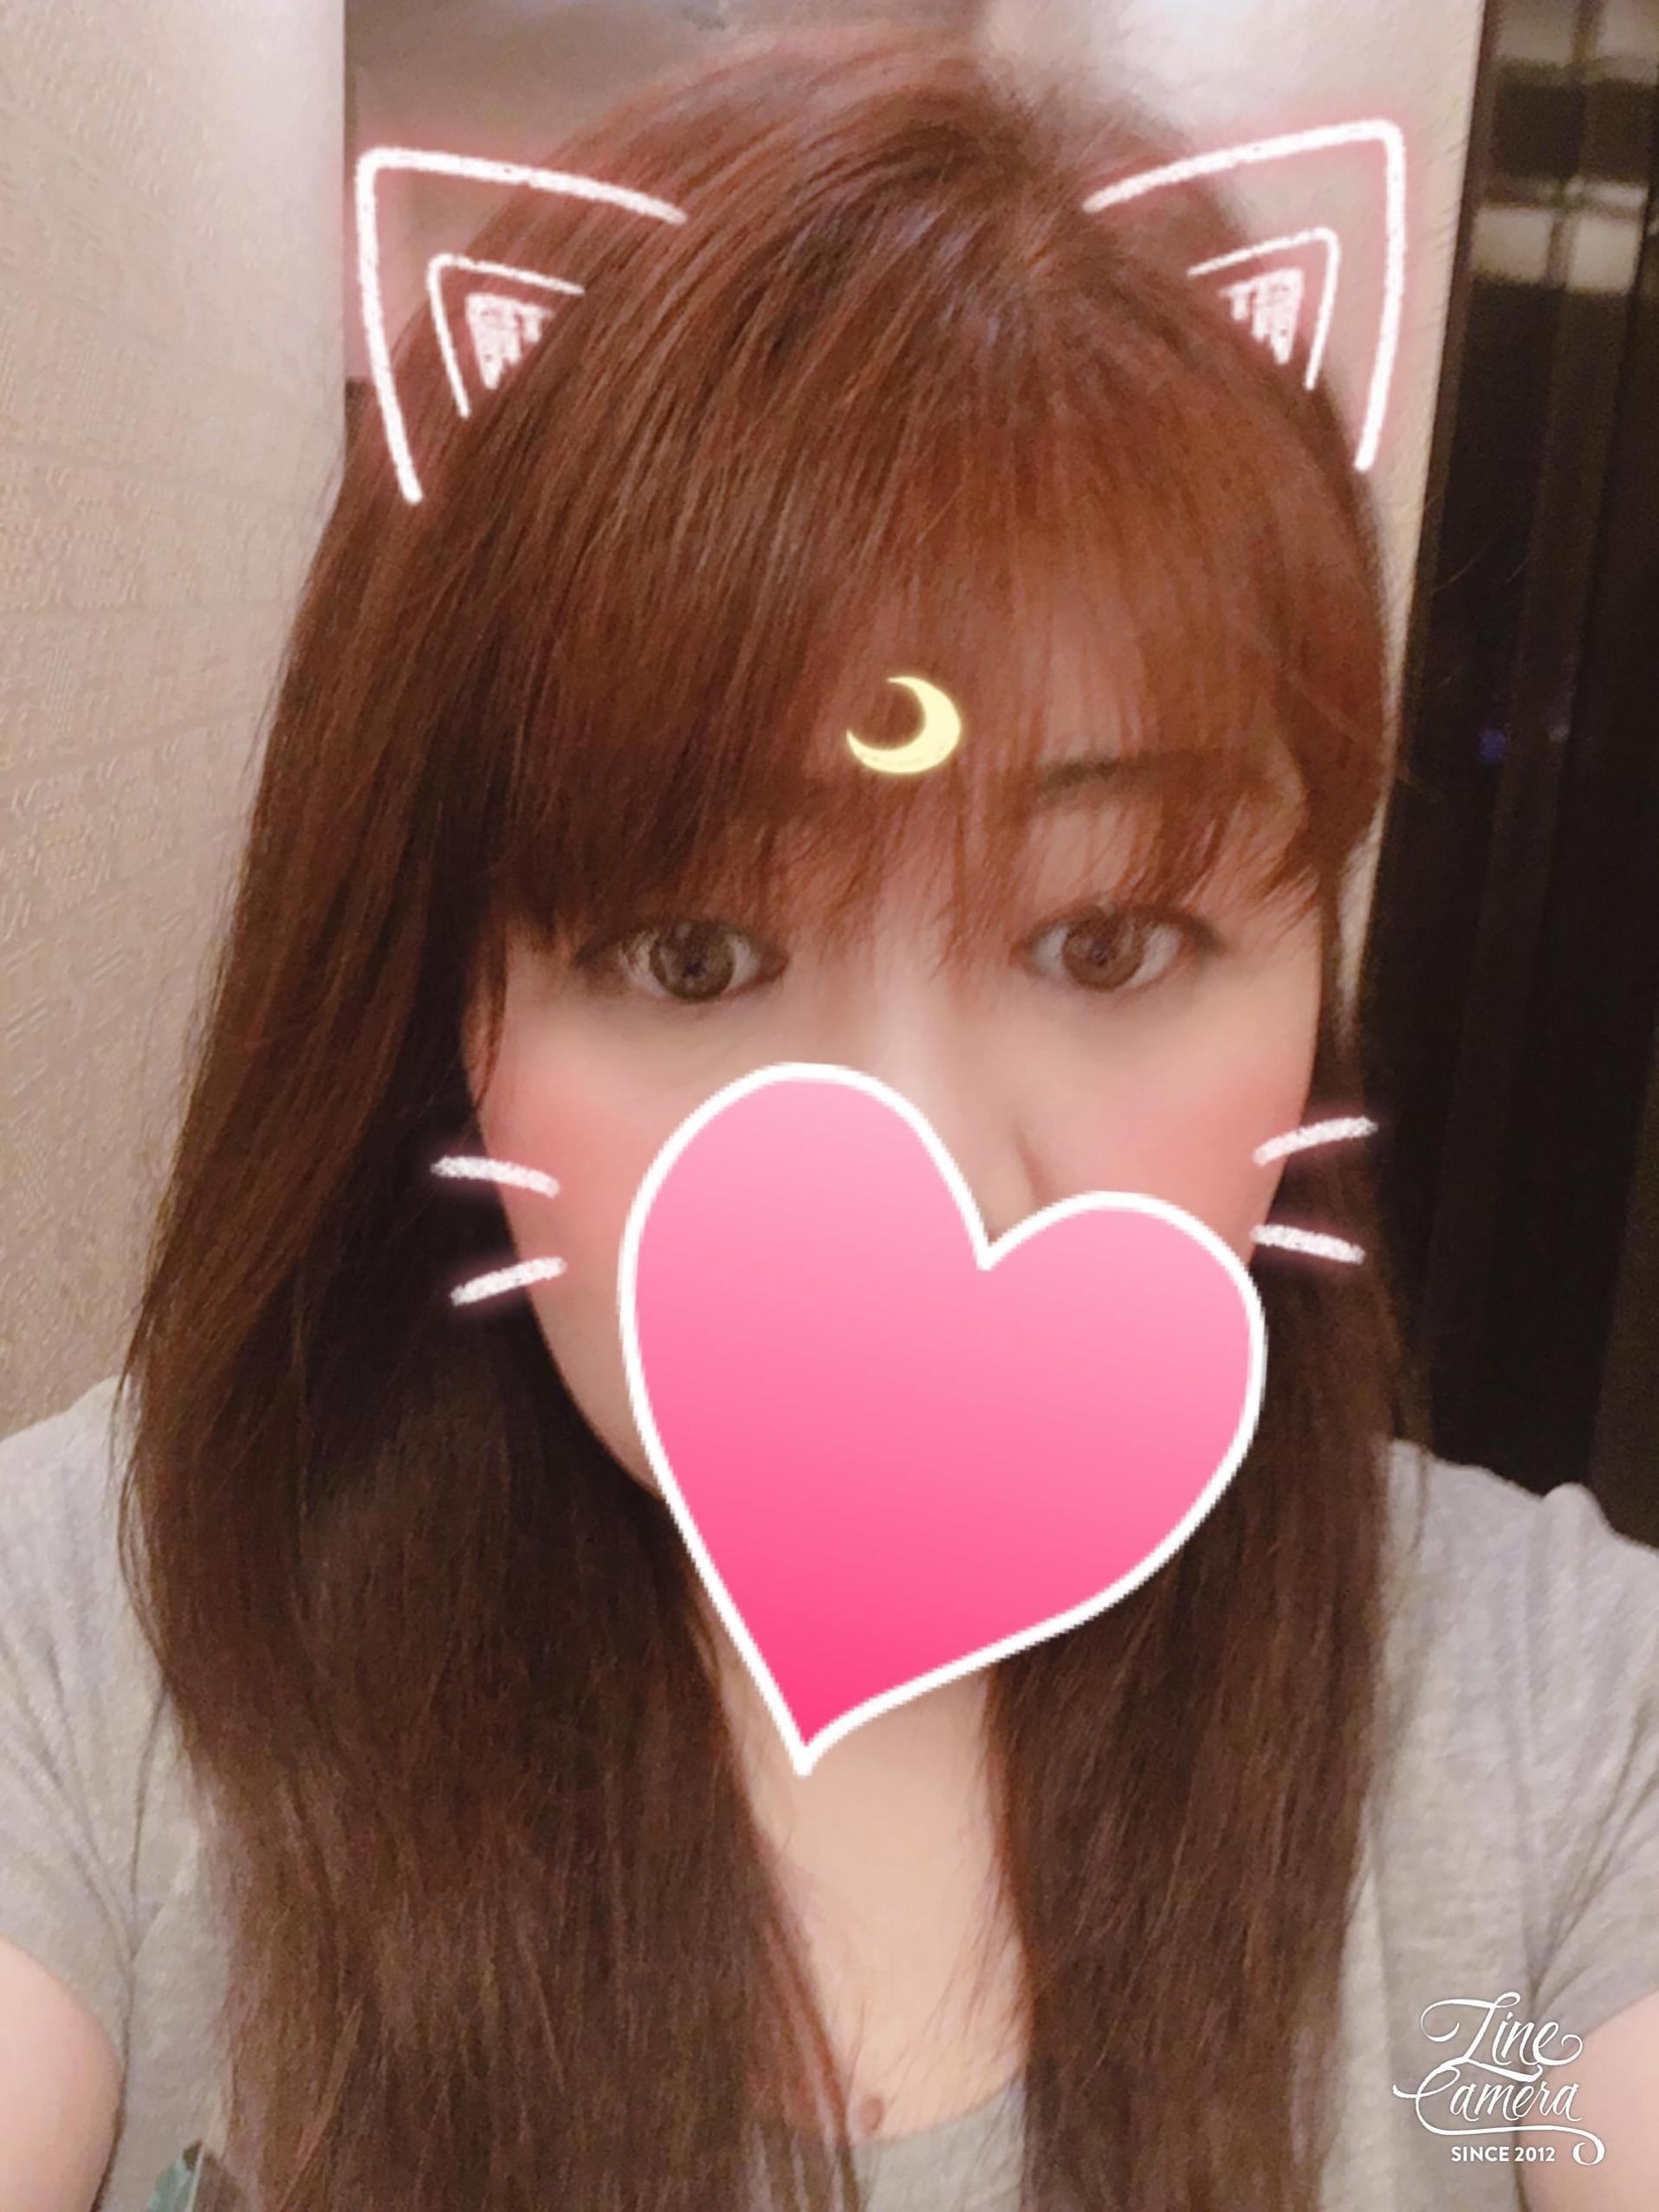 「待機戻りました☆」12/19(水) 04:32 | しずなの写メ・風俗動画